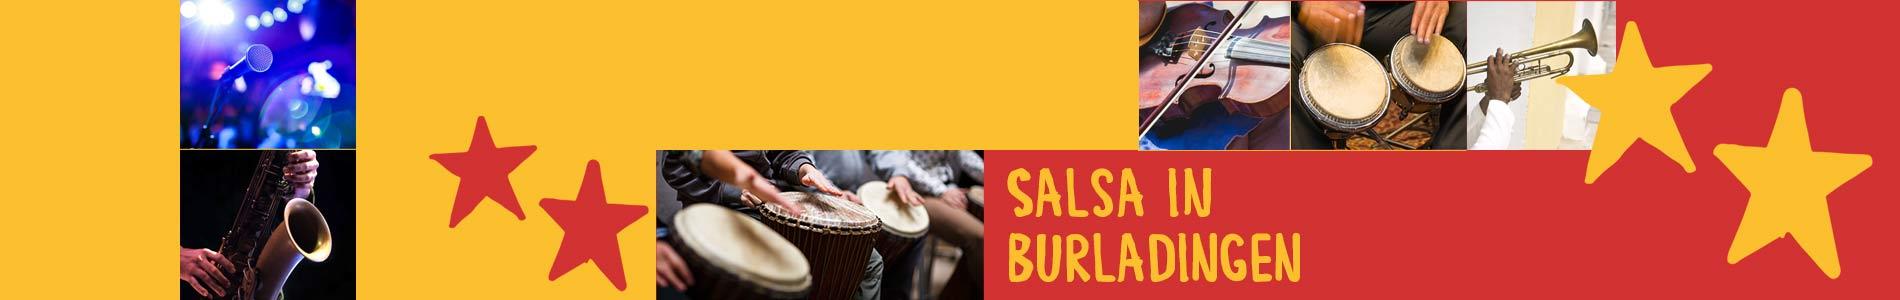 Salsa in Burladingen – Salsa lernen und tanzen, Tanzkurse, Partys, Veranstaltungen